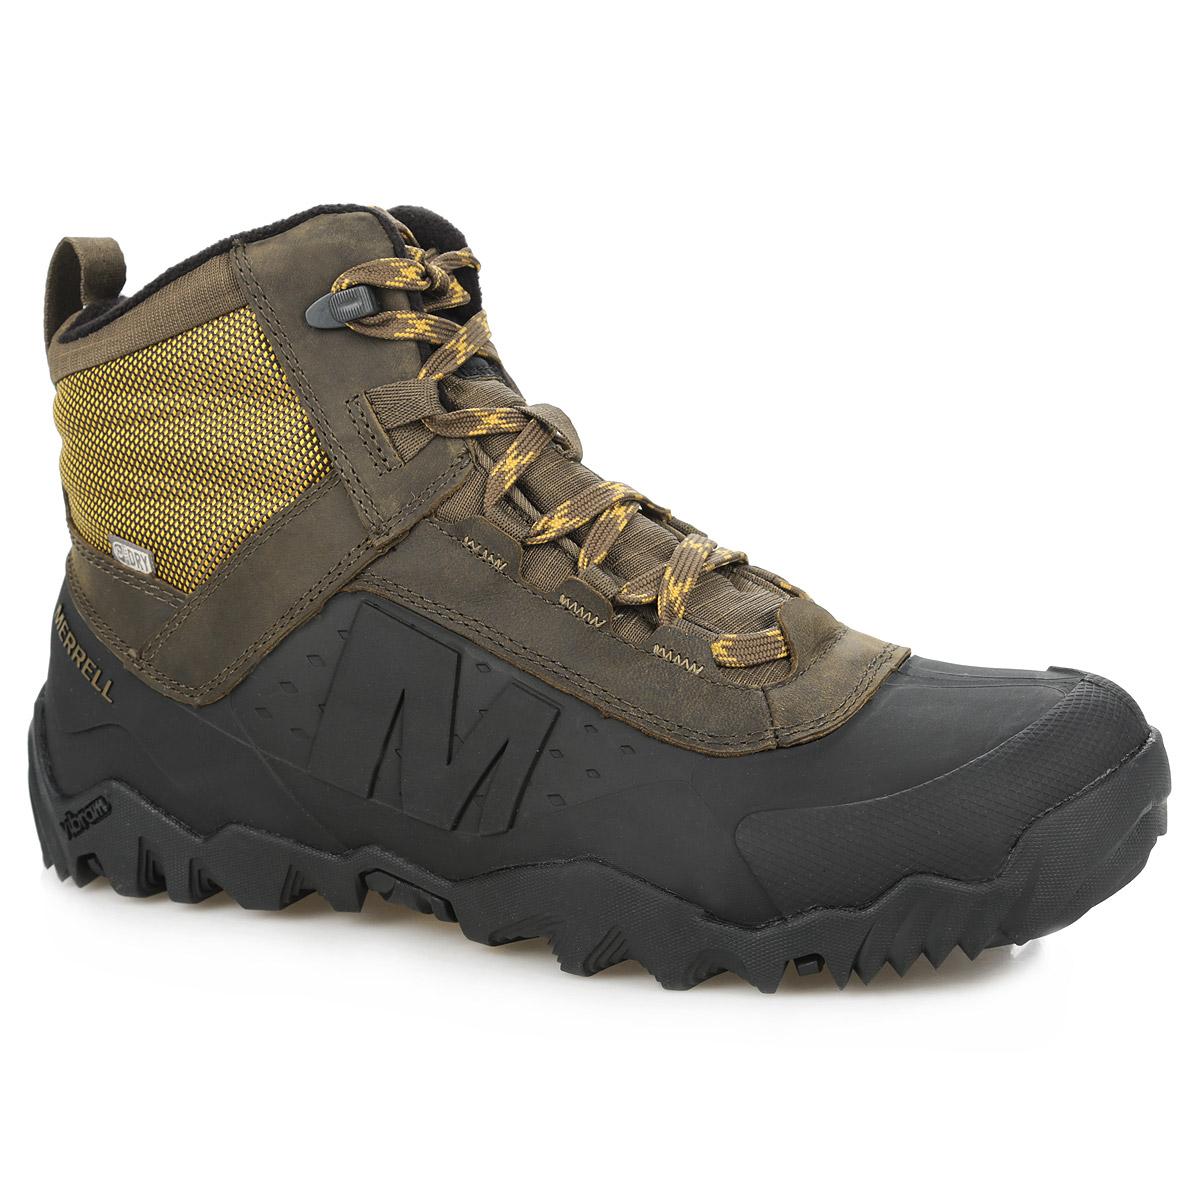 Ботинки мужские Annex Shell 6 Waterproof. J32493J32493Мужские ботинки Annex Shell 6 Waterproof от Merrell прекрасно подойдут для активного отдыха и повседневной носки в холодное время года. Модель выполнена из натуральной кожи с водоотталкивающей пропиткой со вставками из текстиля и синтетической кожи. Обувь оформлена оригинальным плетением на шнурках, на язычке - логотипом бренда, сбоку - названием и логотипом бренда. Нижняя часть ботинок, выполненная из термополиуретана, и мембрана M-Select DRY защищают от проникновения влаги. Шнуровка надежно фиксирует изделие на ноге. Текстильная петля на заднике облегчает надевание обуви. Синтетический утеплитель Thinsulate 200 обеспечивает надежную защиту от холода, а подкладка из флиса с антибактериальной пропиткой M-Select Fresh усиливает термоизоляцию. Промежуточная подошва выполнена из ЭВА с Air Cushion - гибкого, легкого материала, обладающего отличной амортизацией, который стабилизирует и защищает от ударов стопу. Съемная стелька EVA с технологией Active Heat для усиленной термоизоляции...